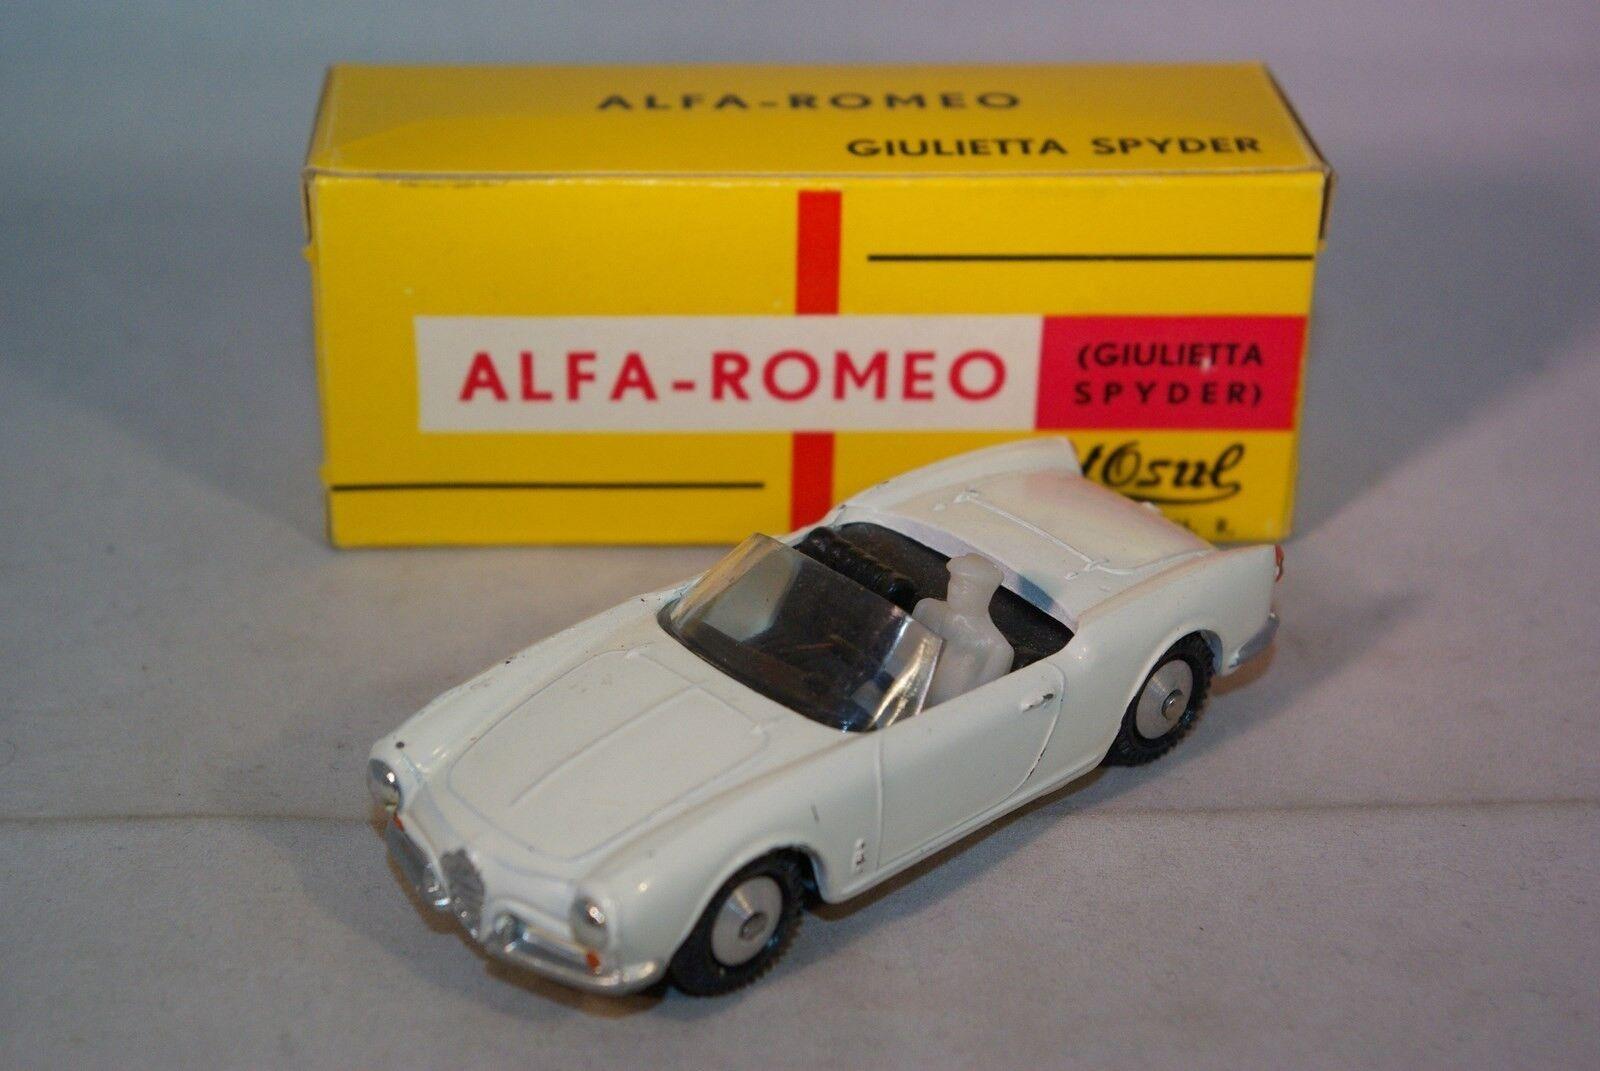 METOSUL 3 3 3 ALFA ROMEO GIULIETTA SPYDER WHITE NEAR MINT BOXED RARE SELTEN  b2deb2